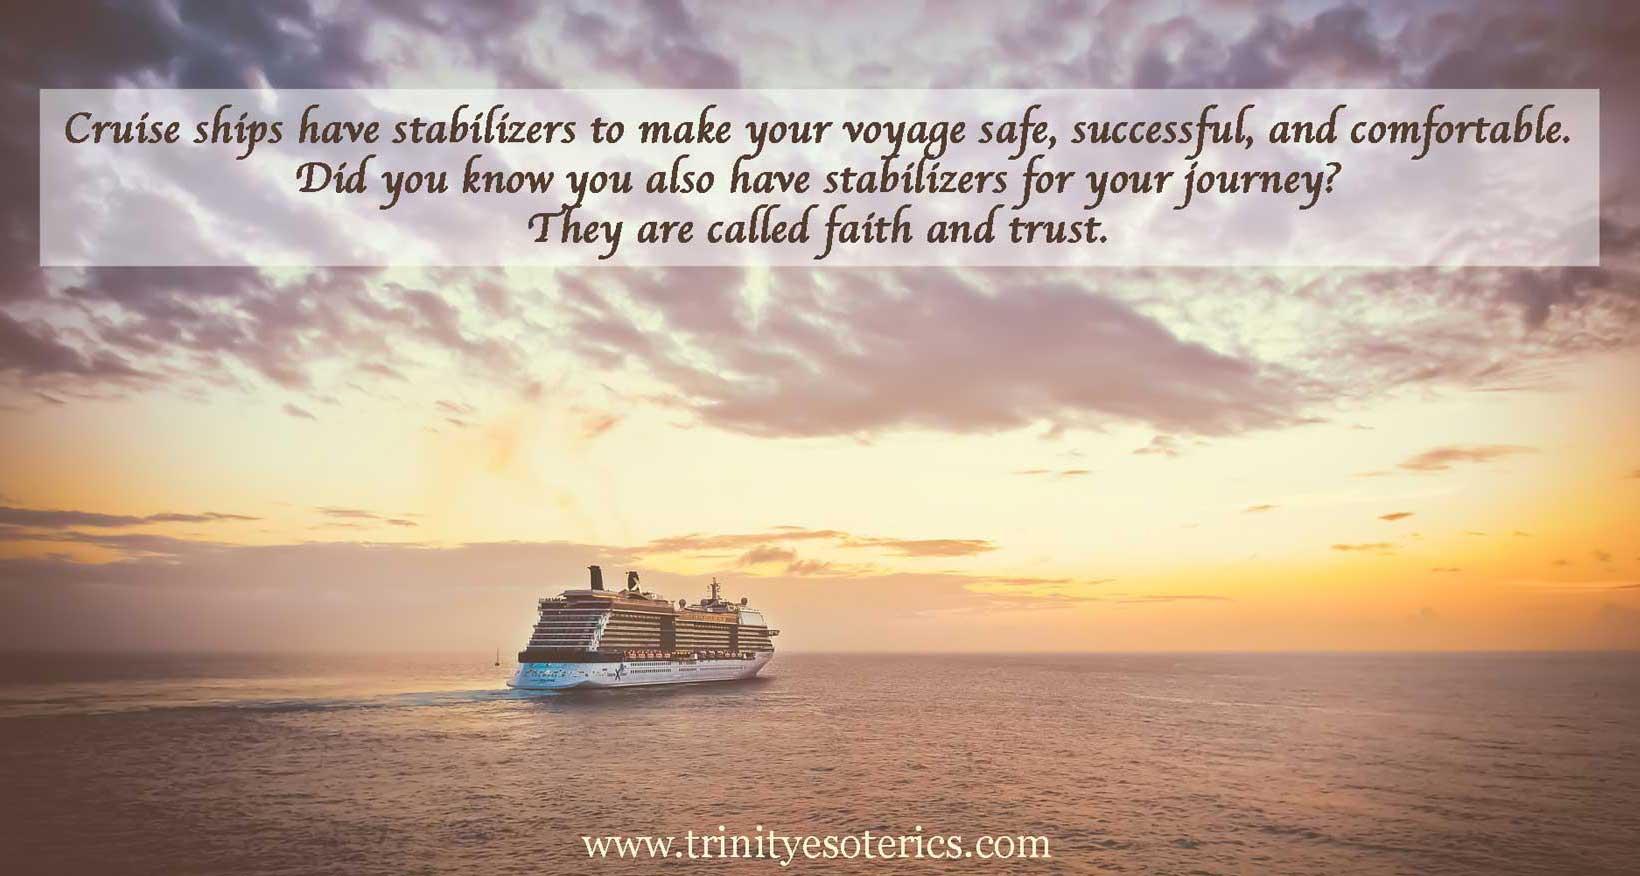 cruise ship trinity esoterics